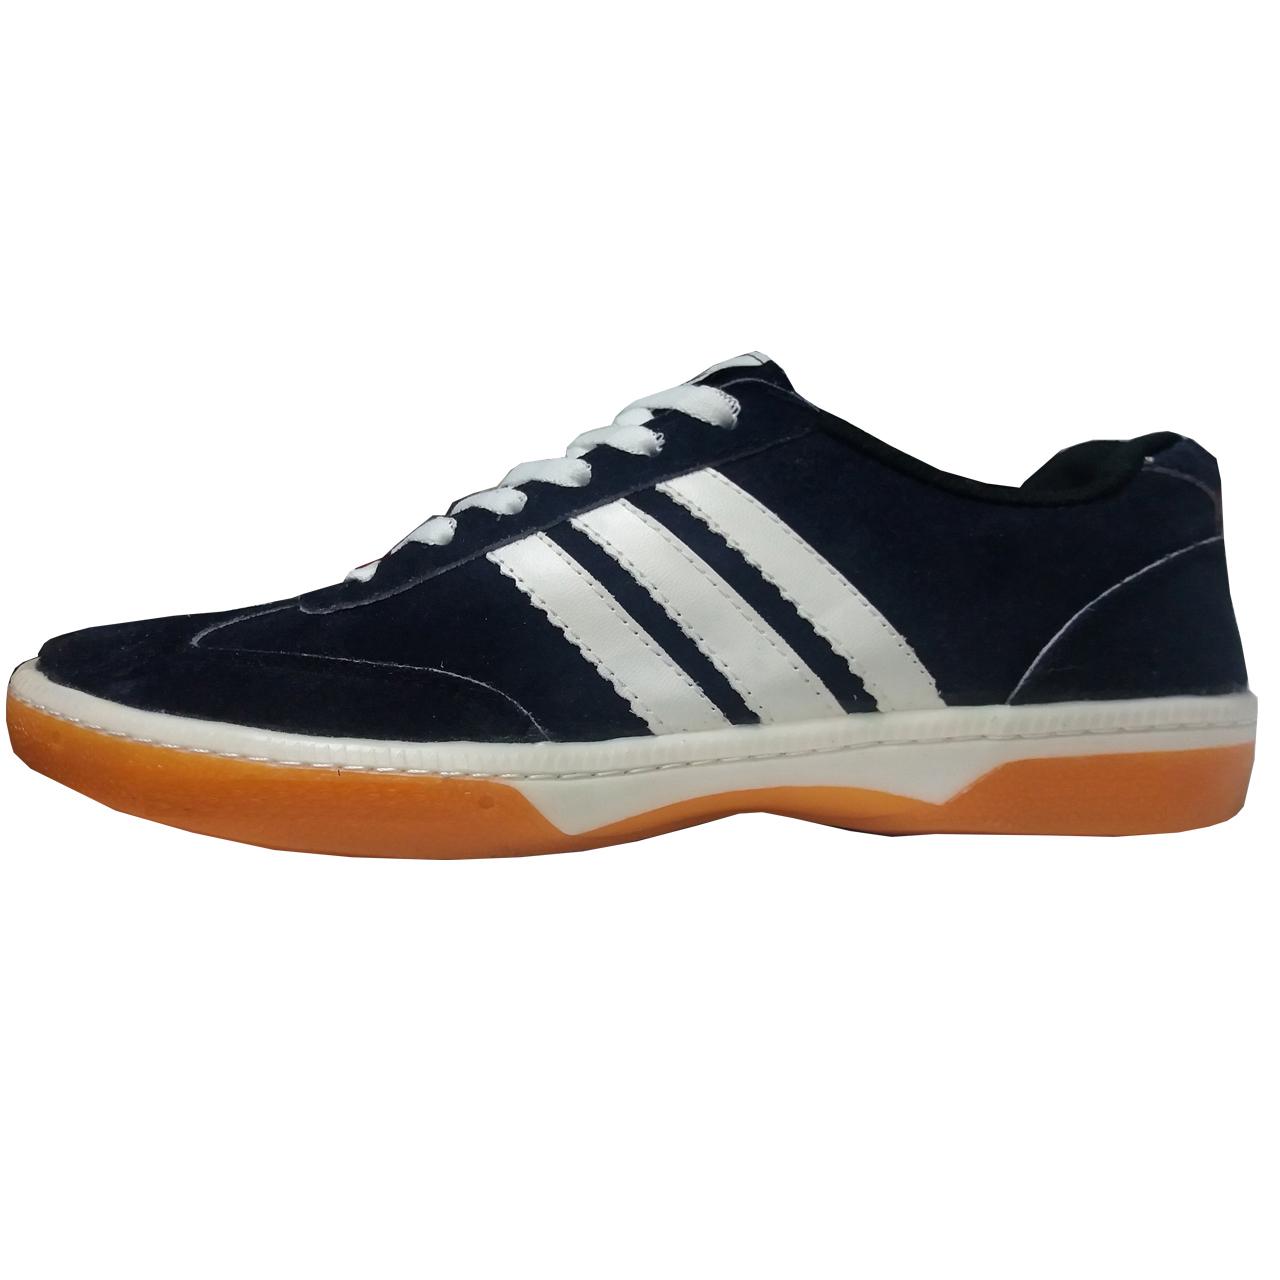 قیمت کفش فوتبال مردانه مدل 3020